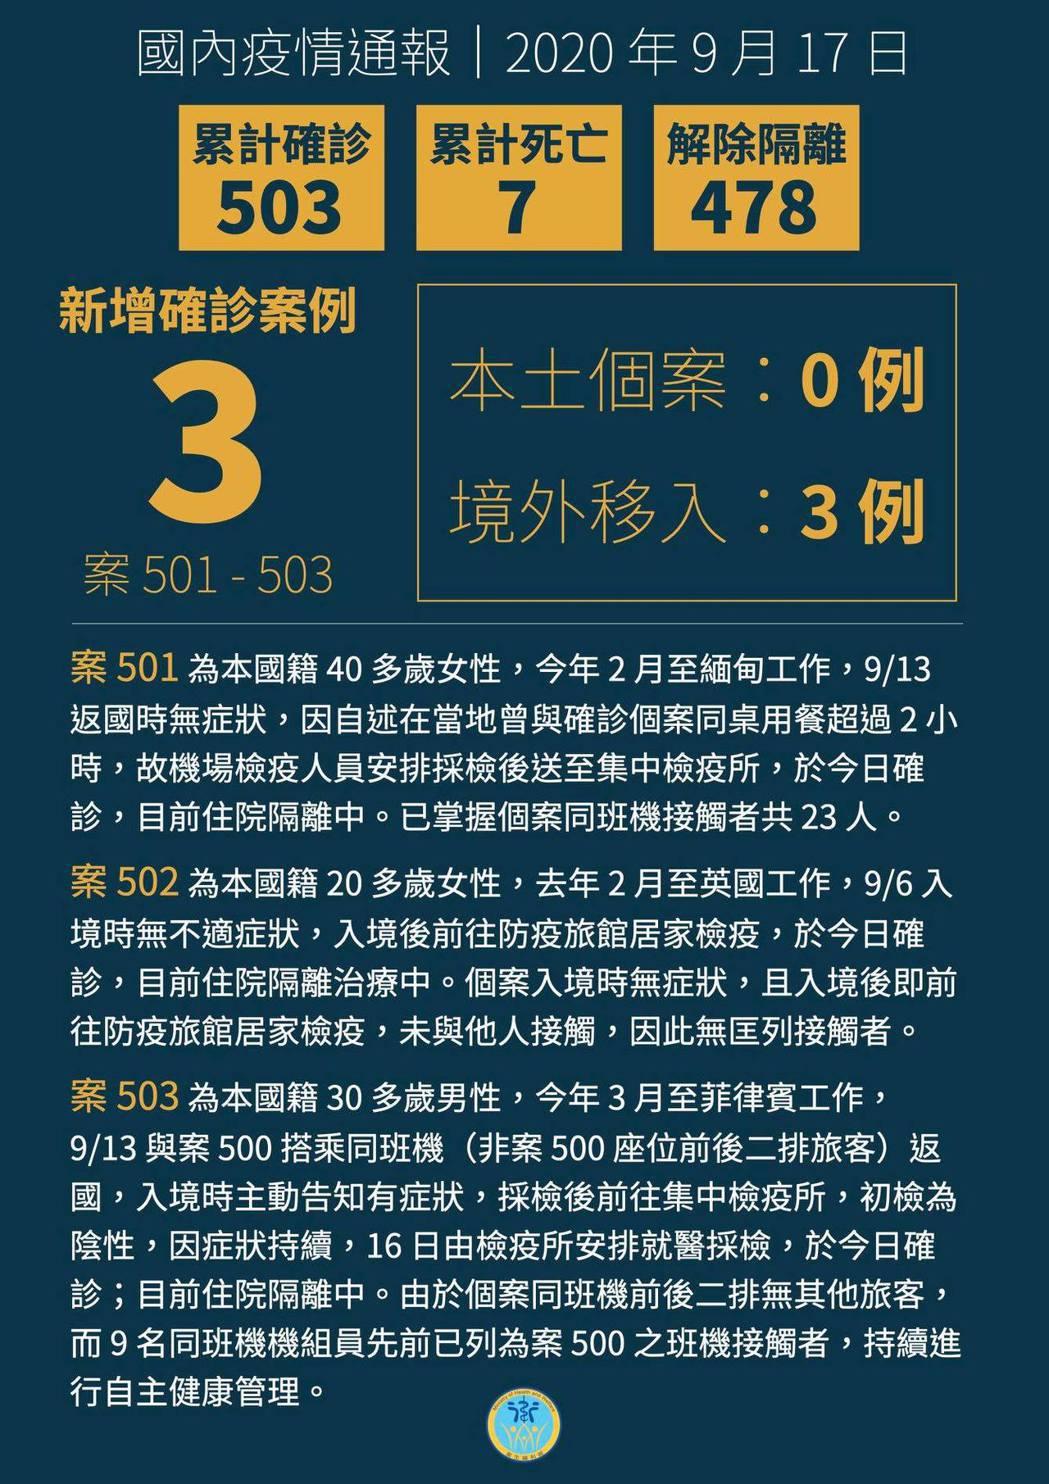 國內新增3例境外移入新冠肺炎病例,創近日最高紀錄。圖/指揮中心提供